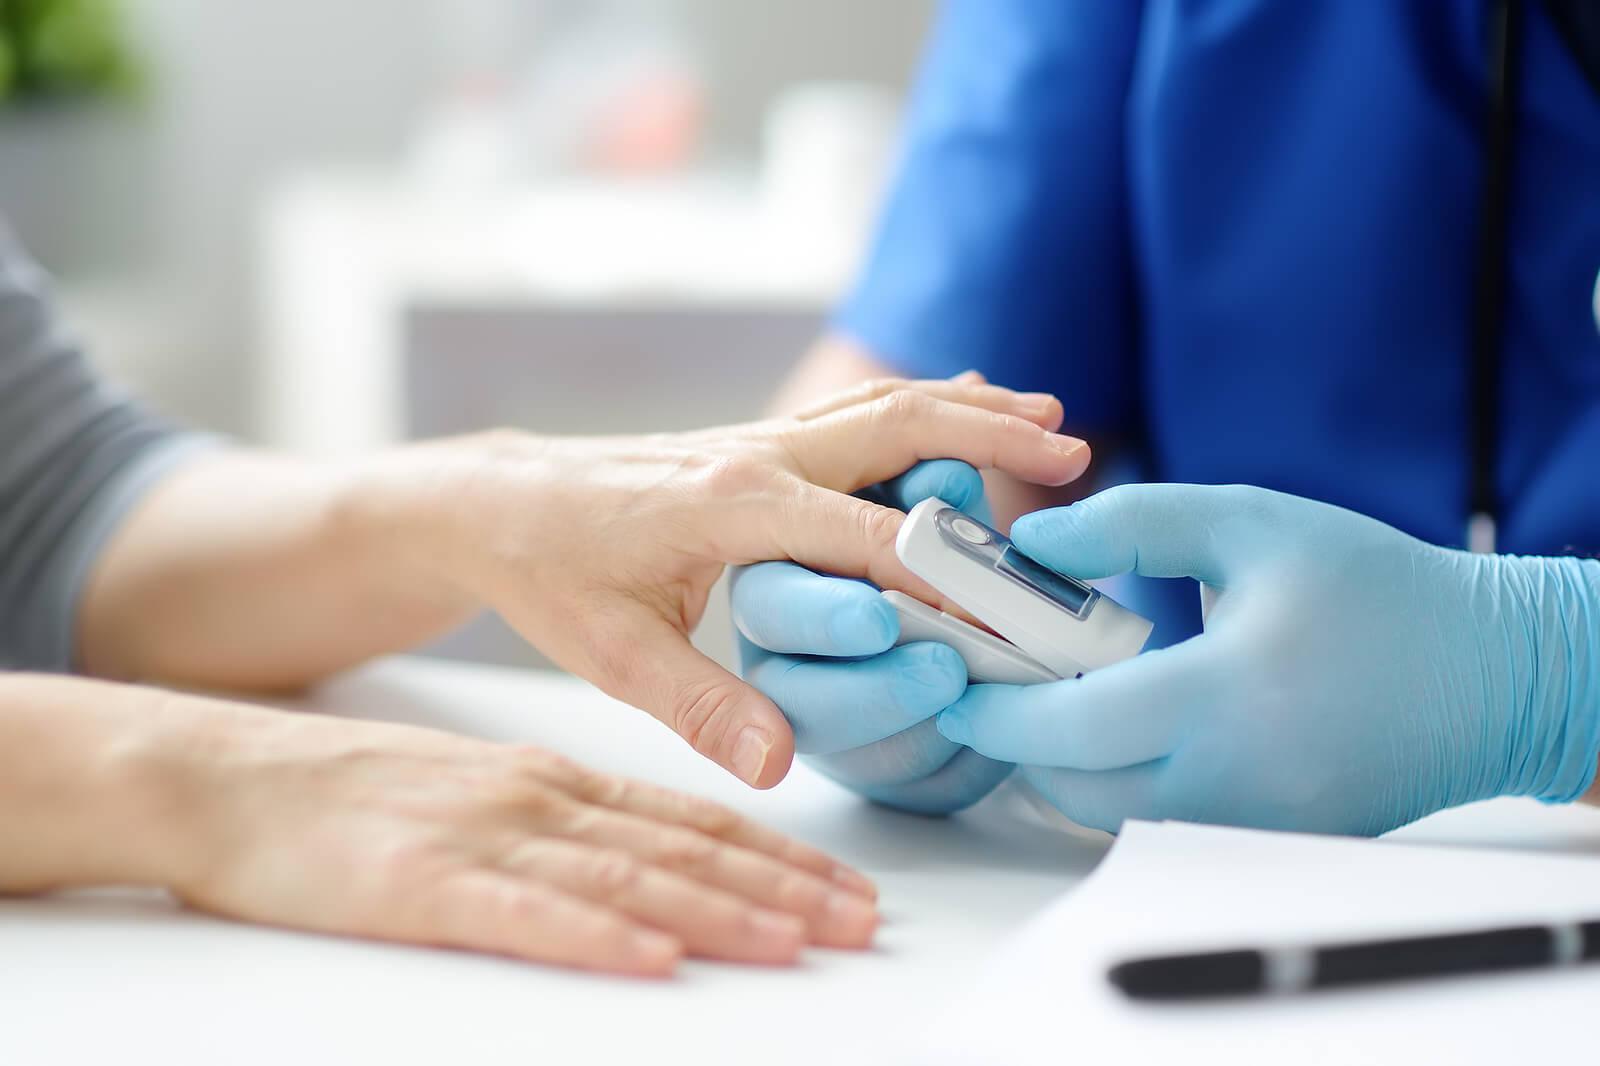 Enfermero midiendo nivel de oxígeno en la sangre.